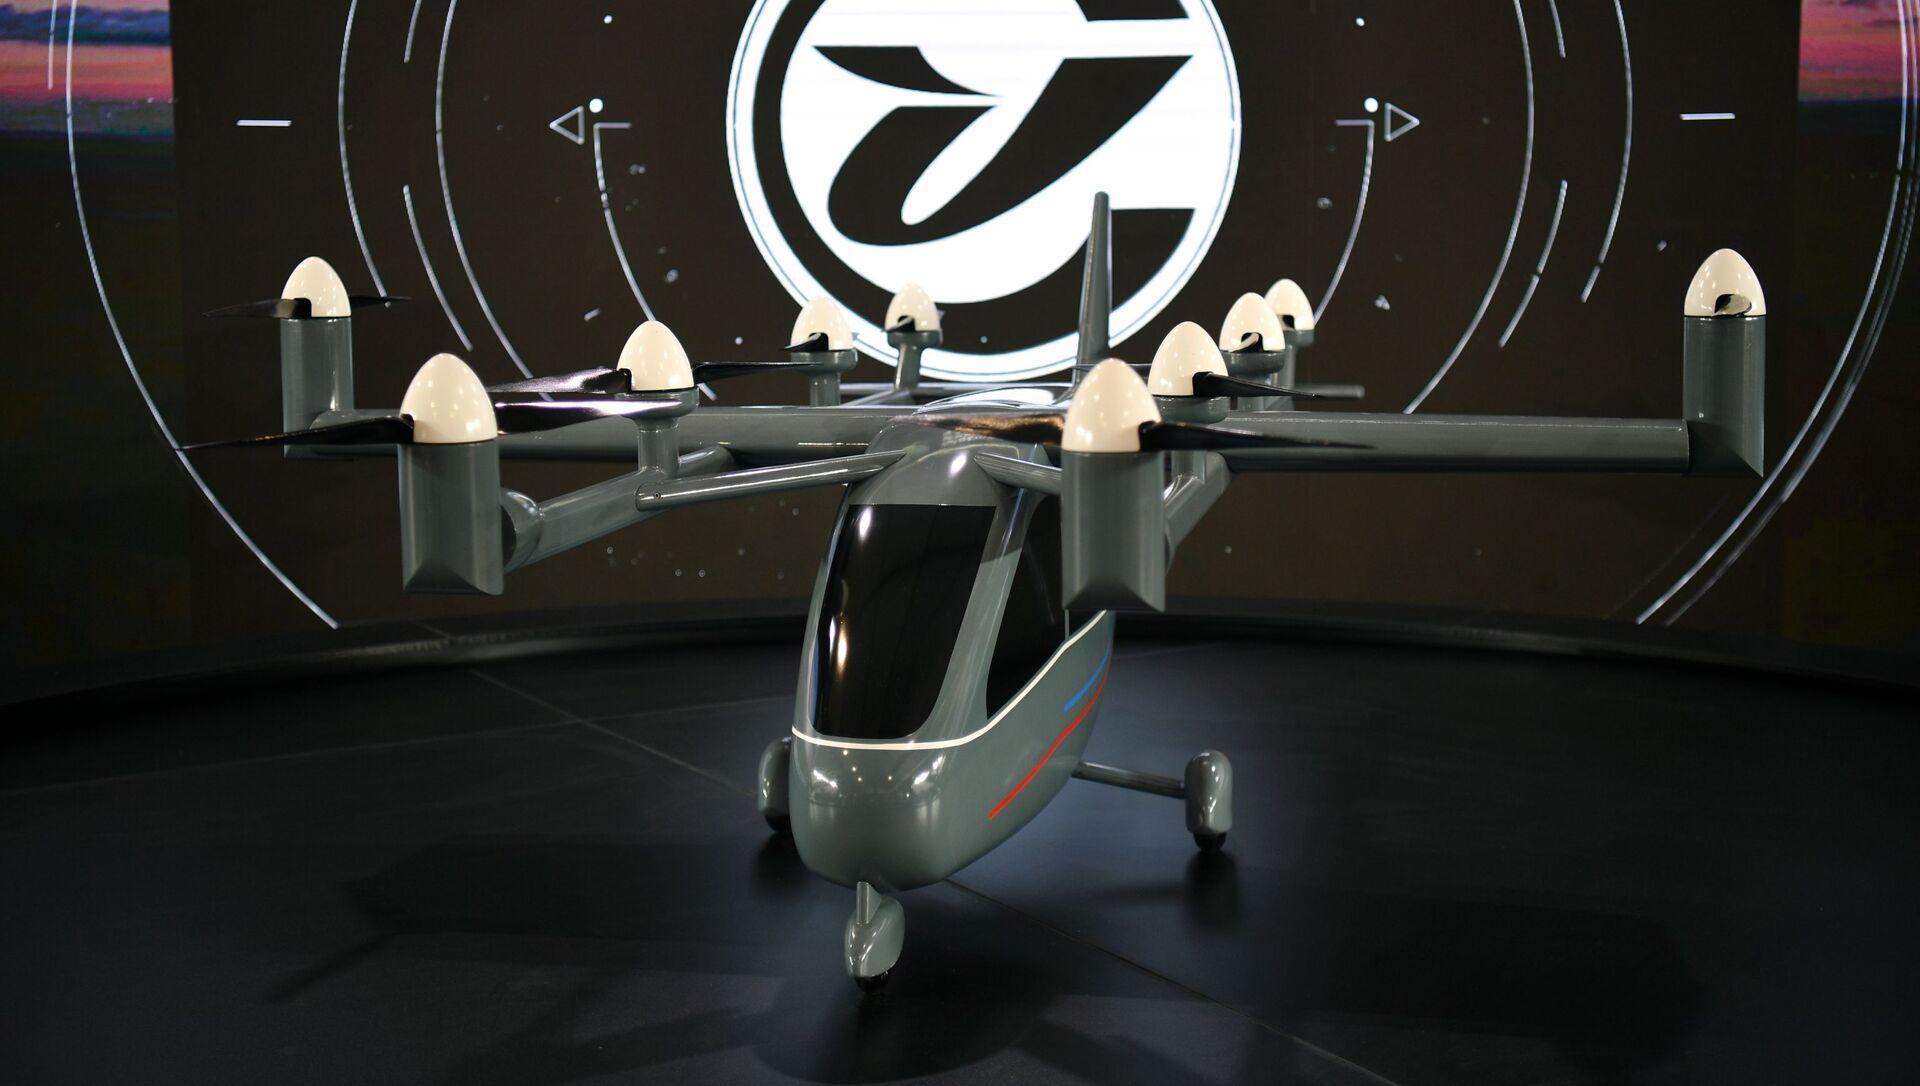 Mô hình máy bay vận tải-chở khách không người lái được giới thiệu tại Hội chợ MAKS-2021 - Sputnik Việt Nam, 1920, 20.07.2021